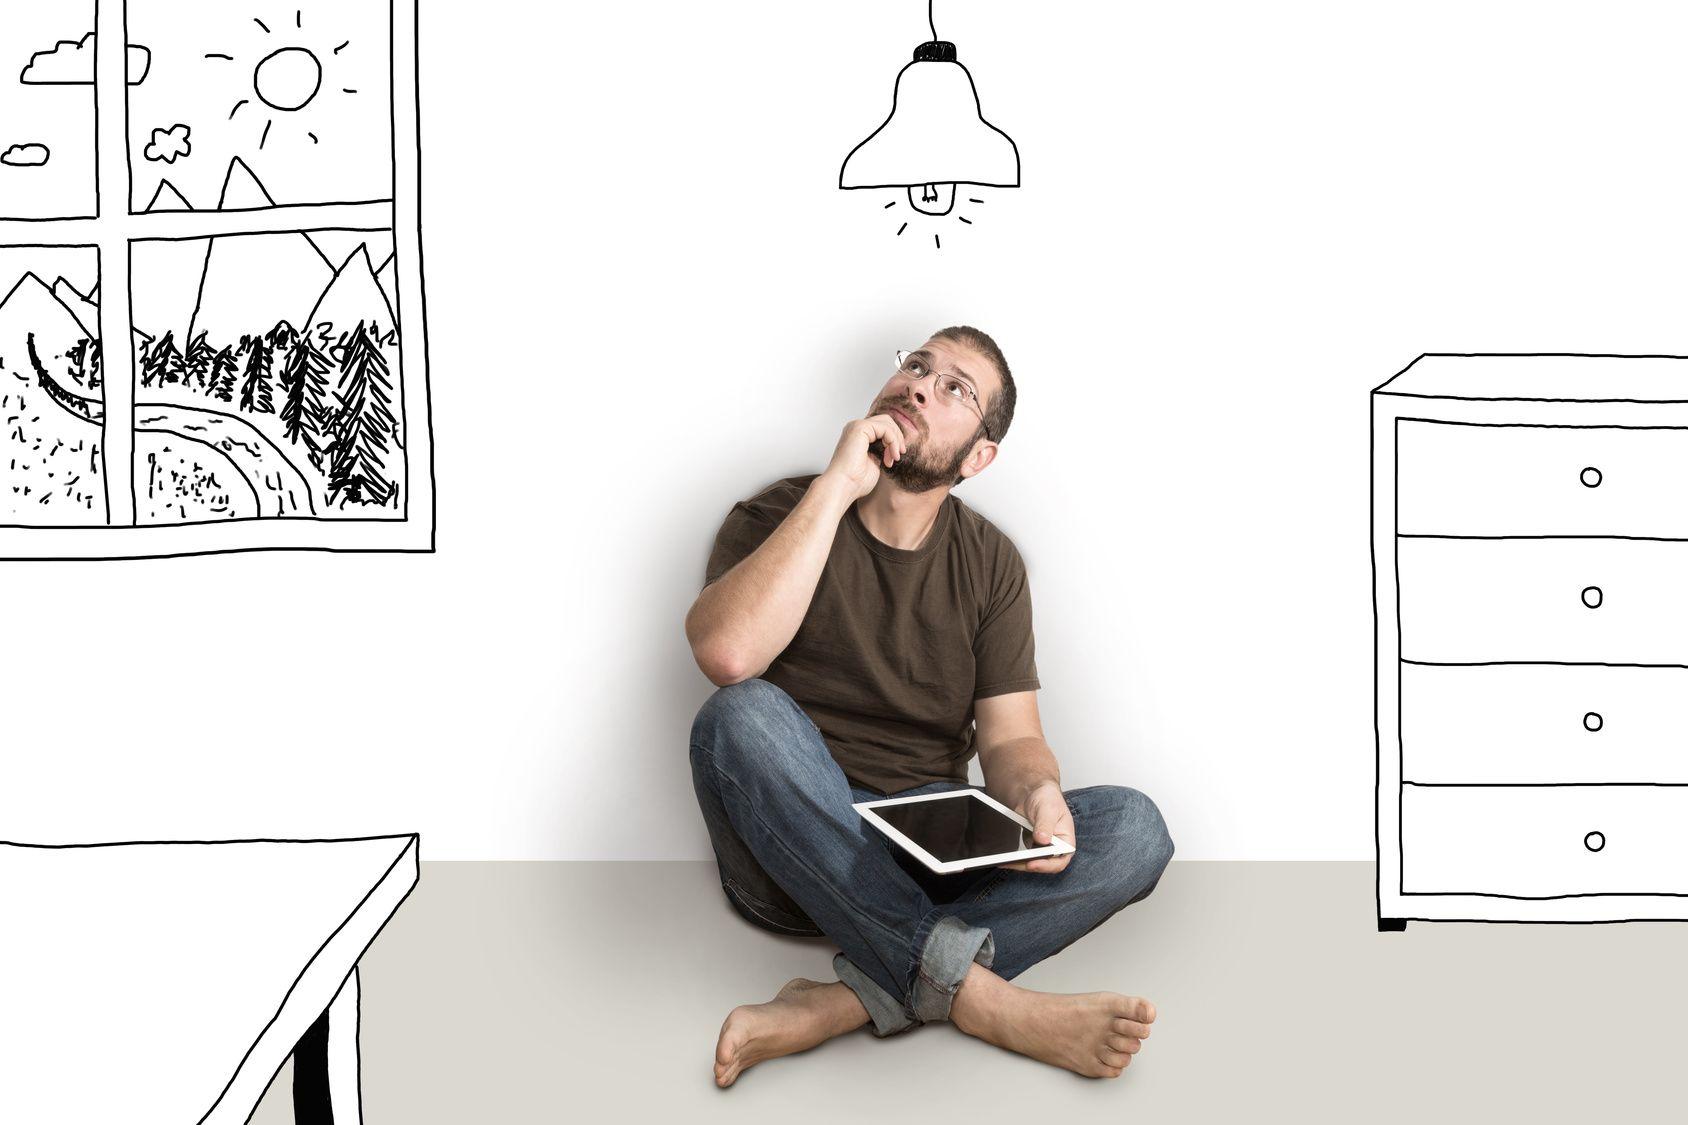 Comment refaire un appartement peut vous apprendre g rer des campagnes adwords - Refaire son appartement ...